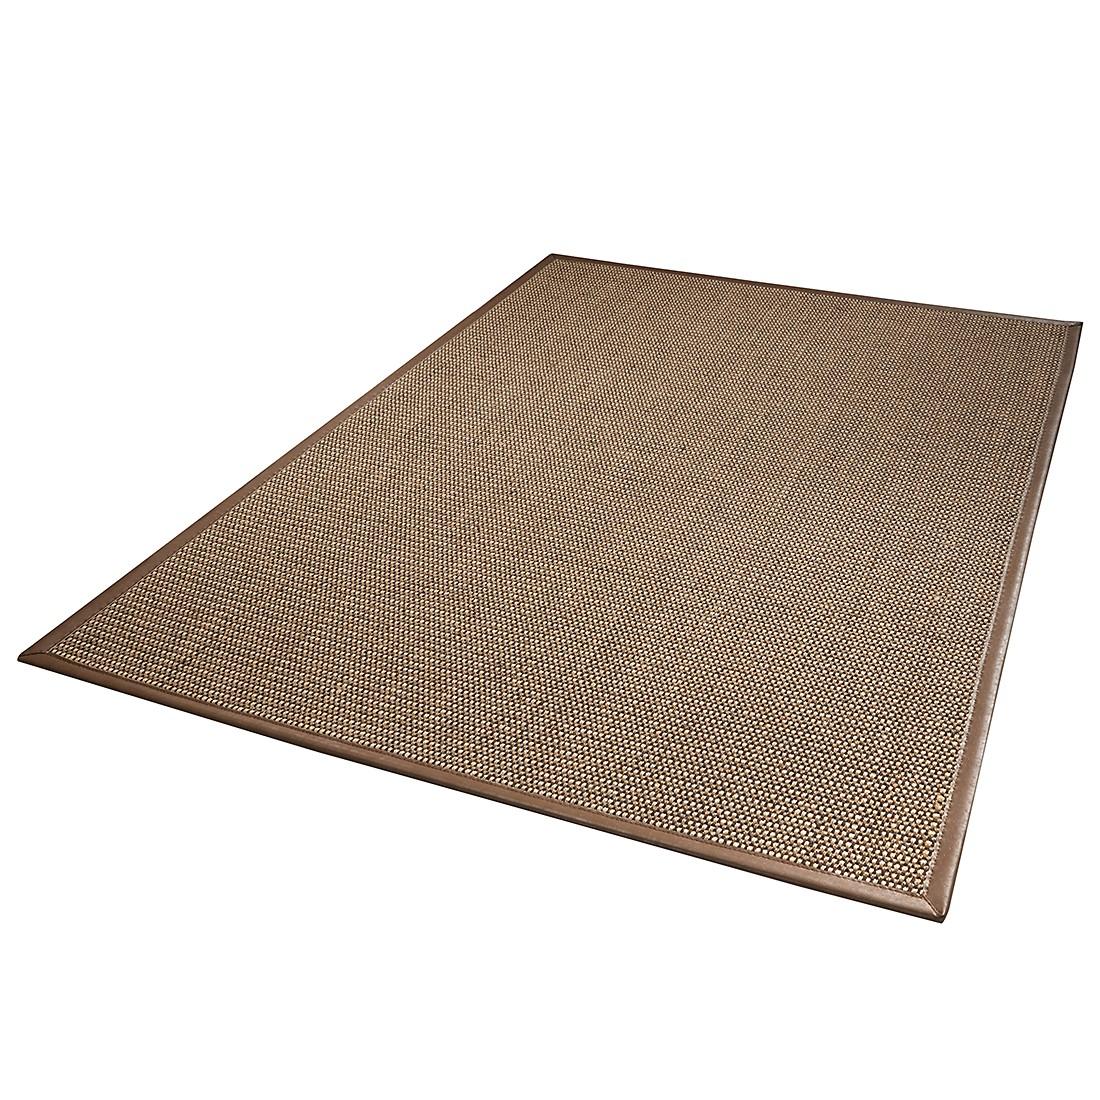 Teppich Medina – Braun – 80 x 250 cm, DEKOWE günstig